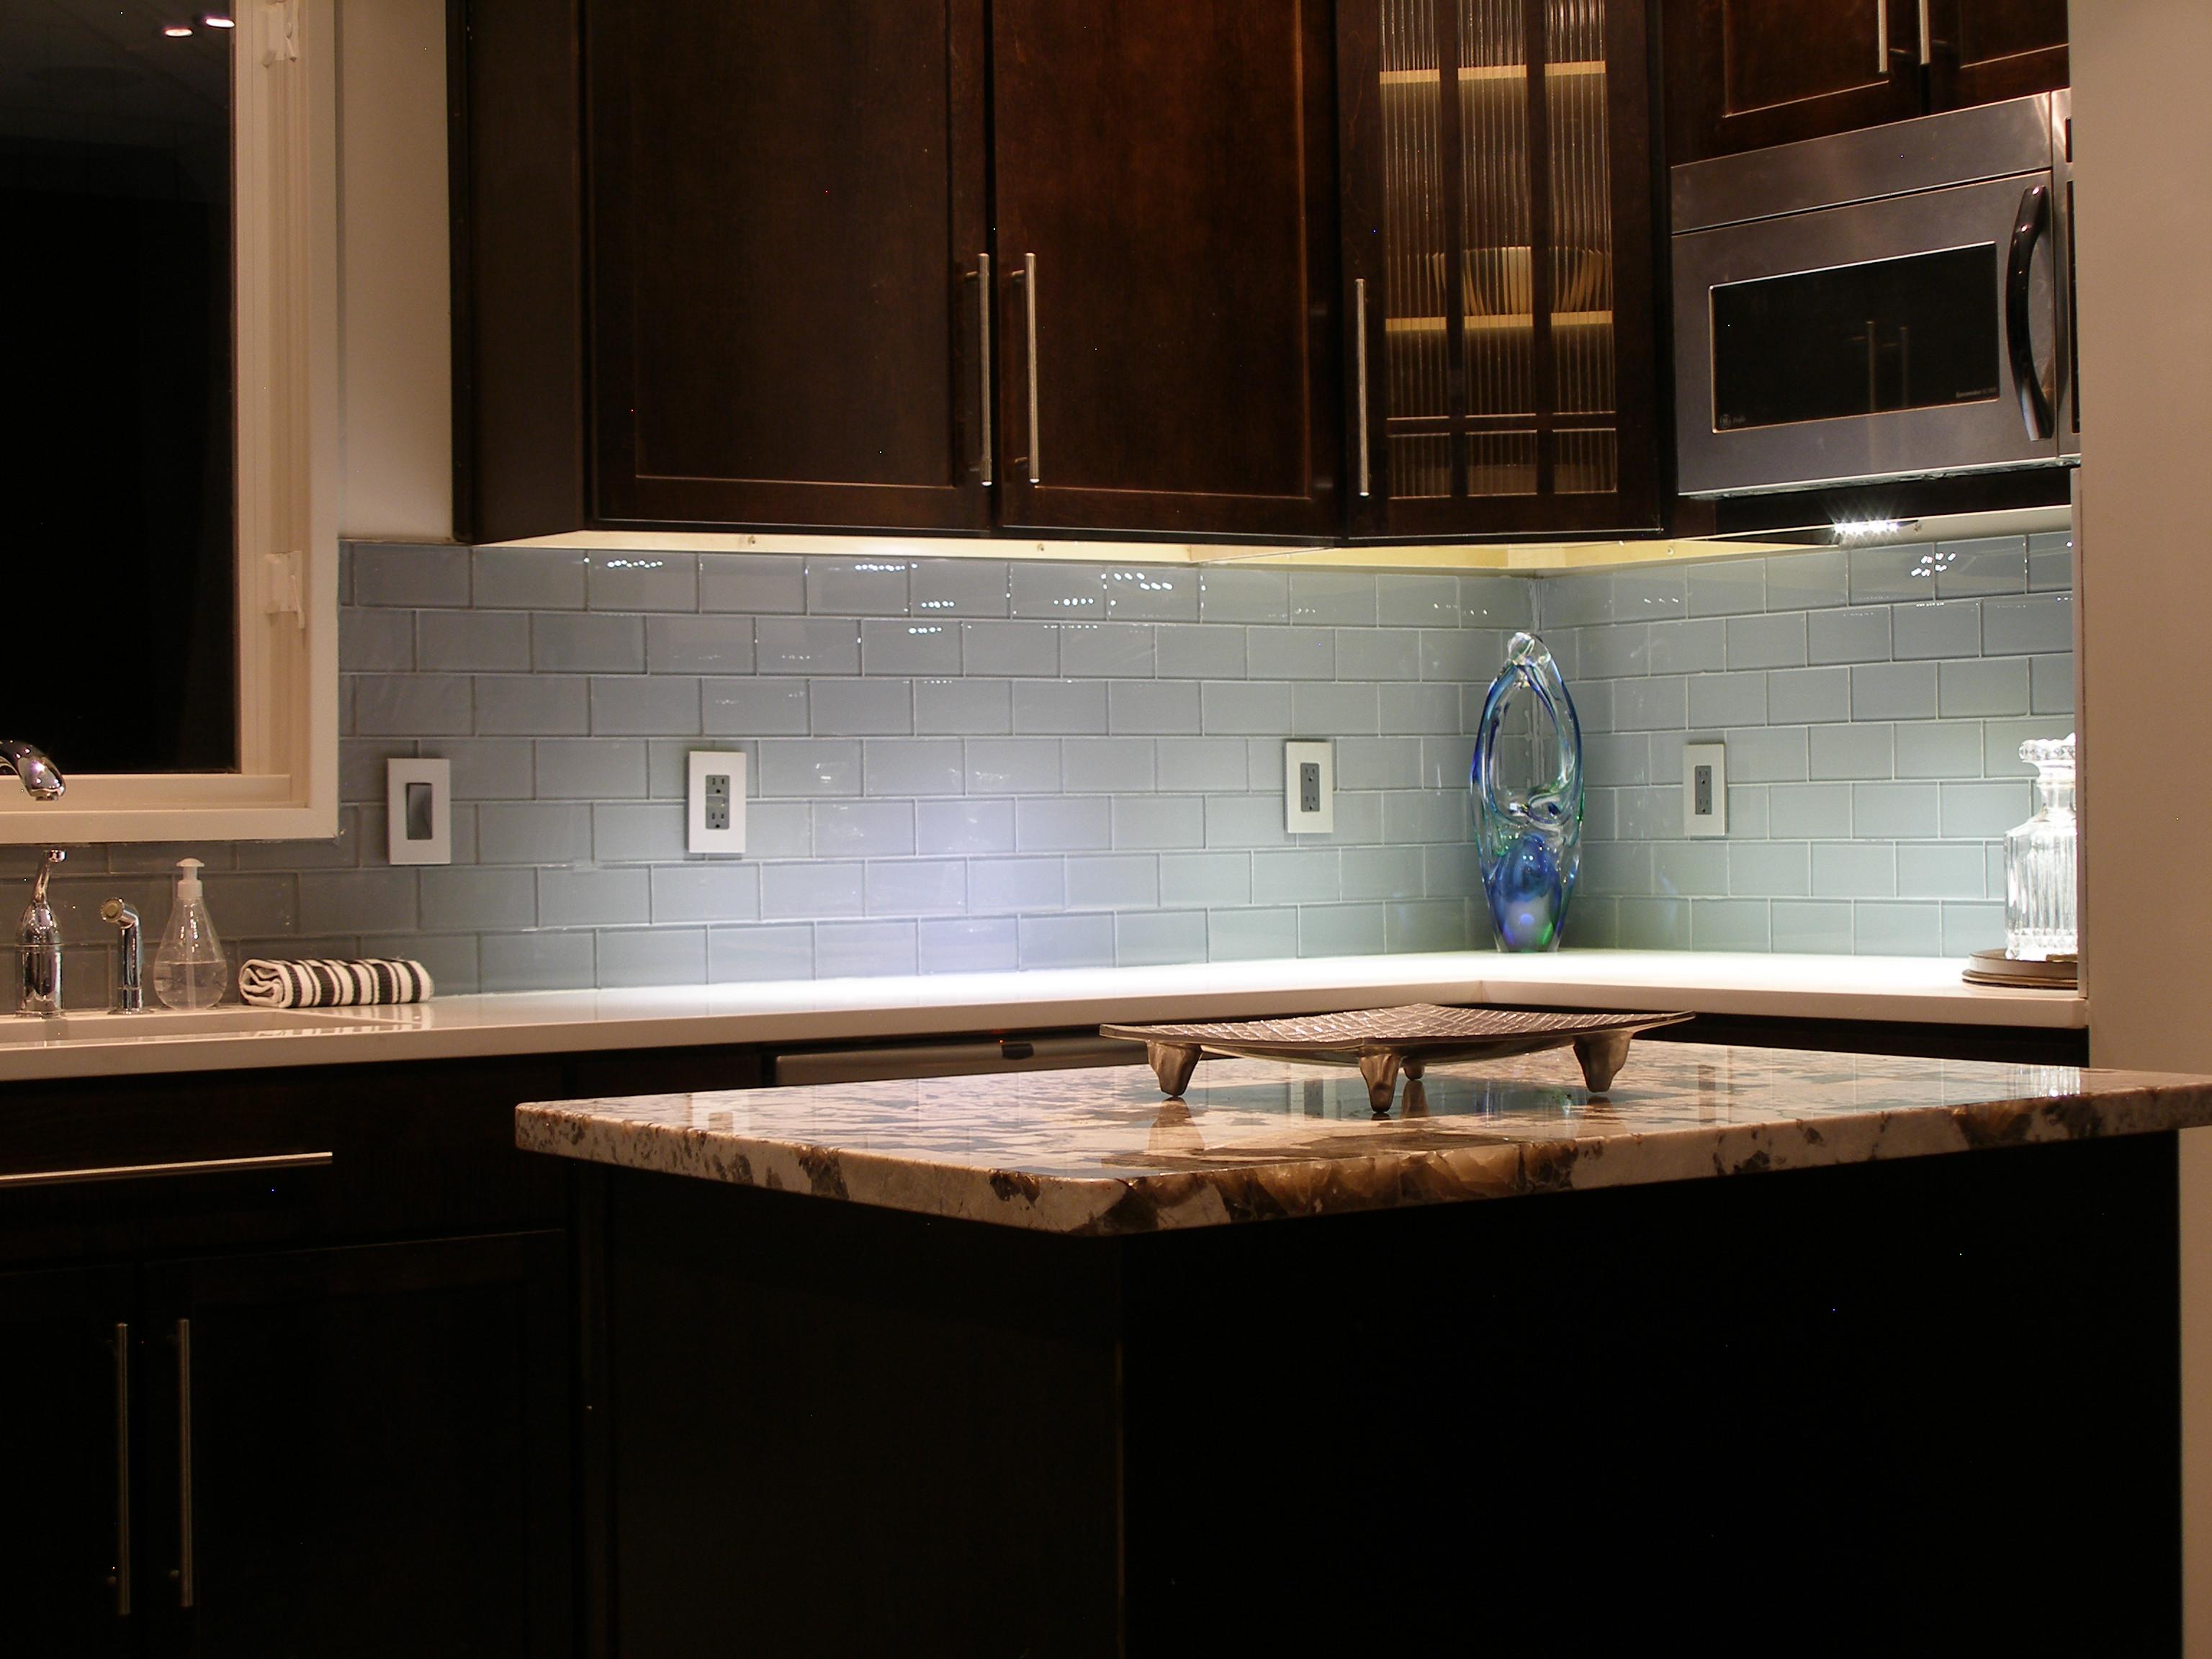 kitchen backsplash backsplash kitchen Glass Tile Grey Kitchen Backsplash Design